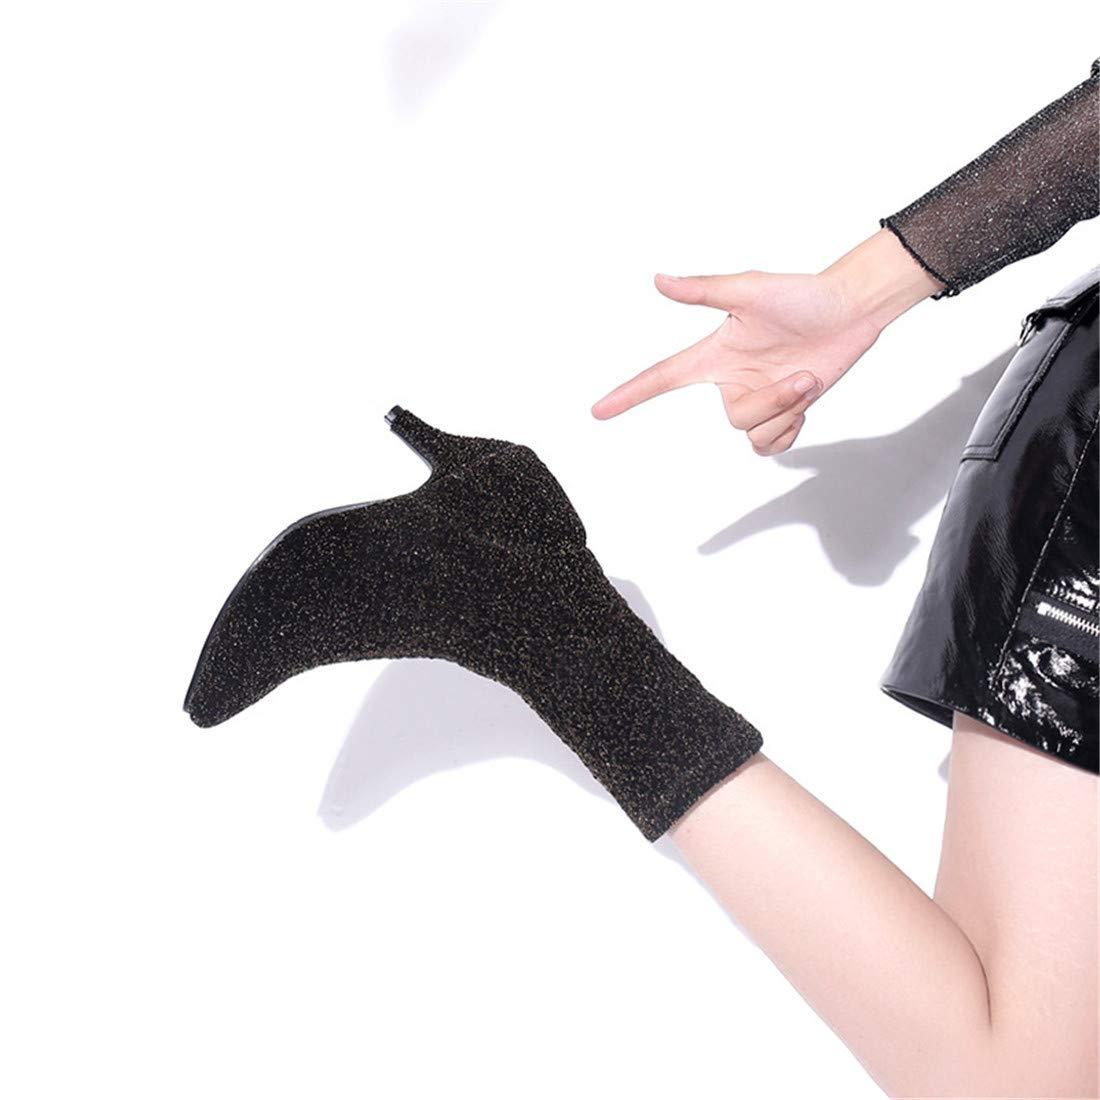 Stiefel-DEDE Stiefel d Onna Hochhackige amerikanische europäische und amerikanische Hochhackige Mode   Stiefelies mit Pailletten   Dicke Spitze Stiefel 9f573f